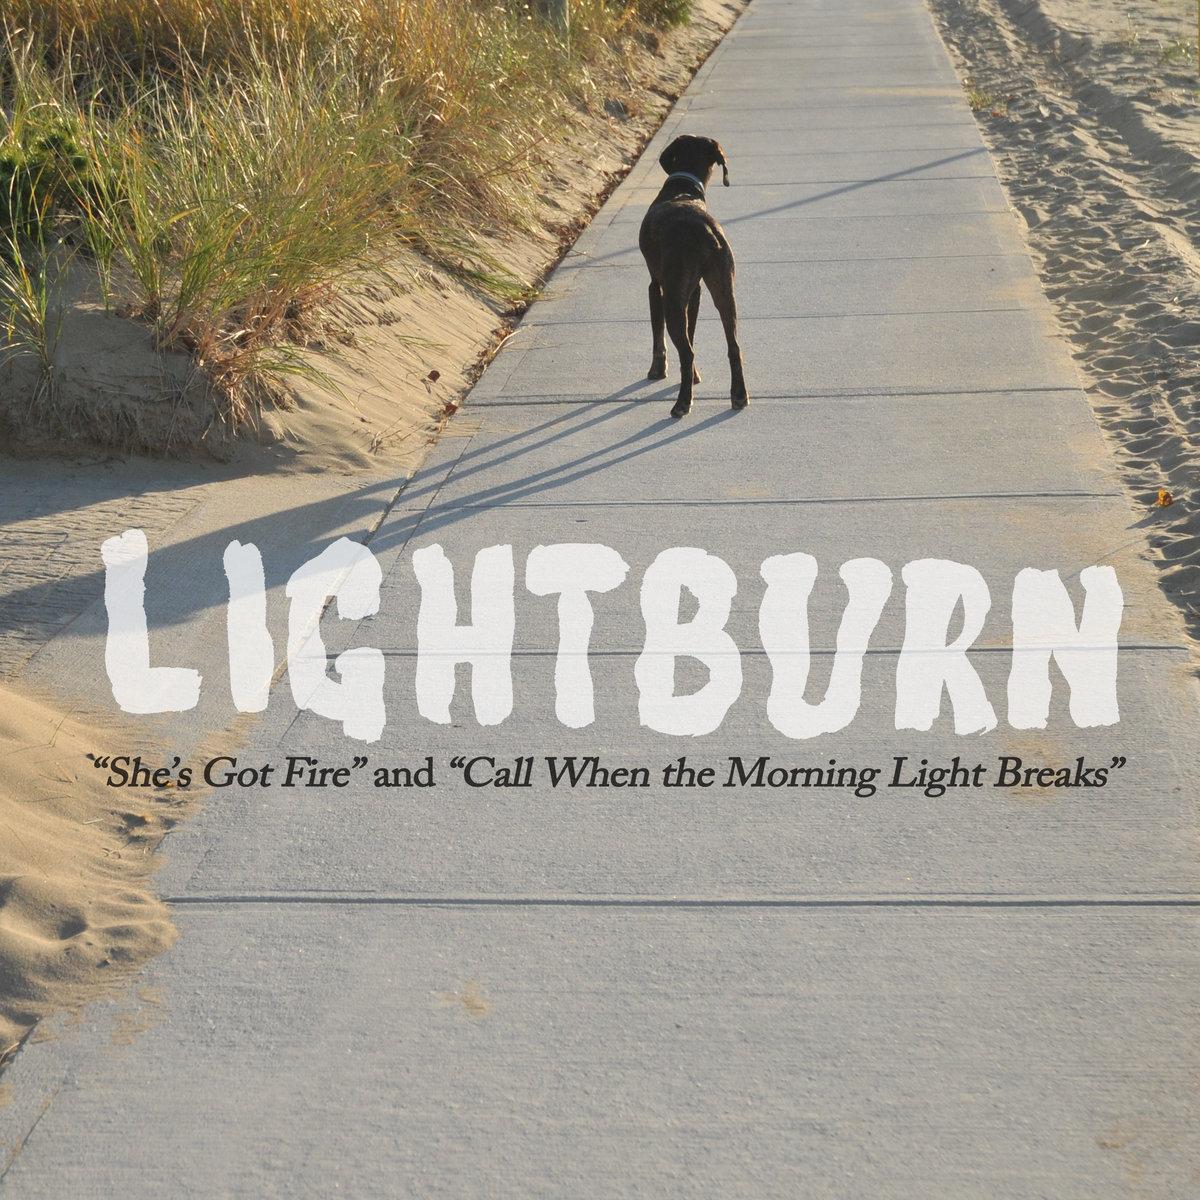 Lightburn EP1 | Lightburn